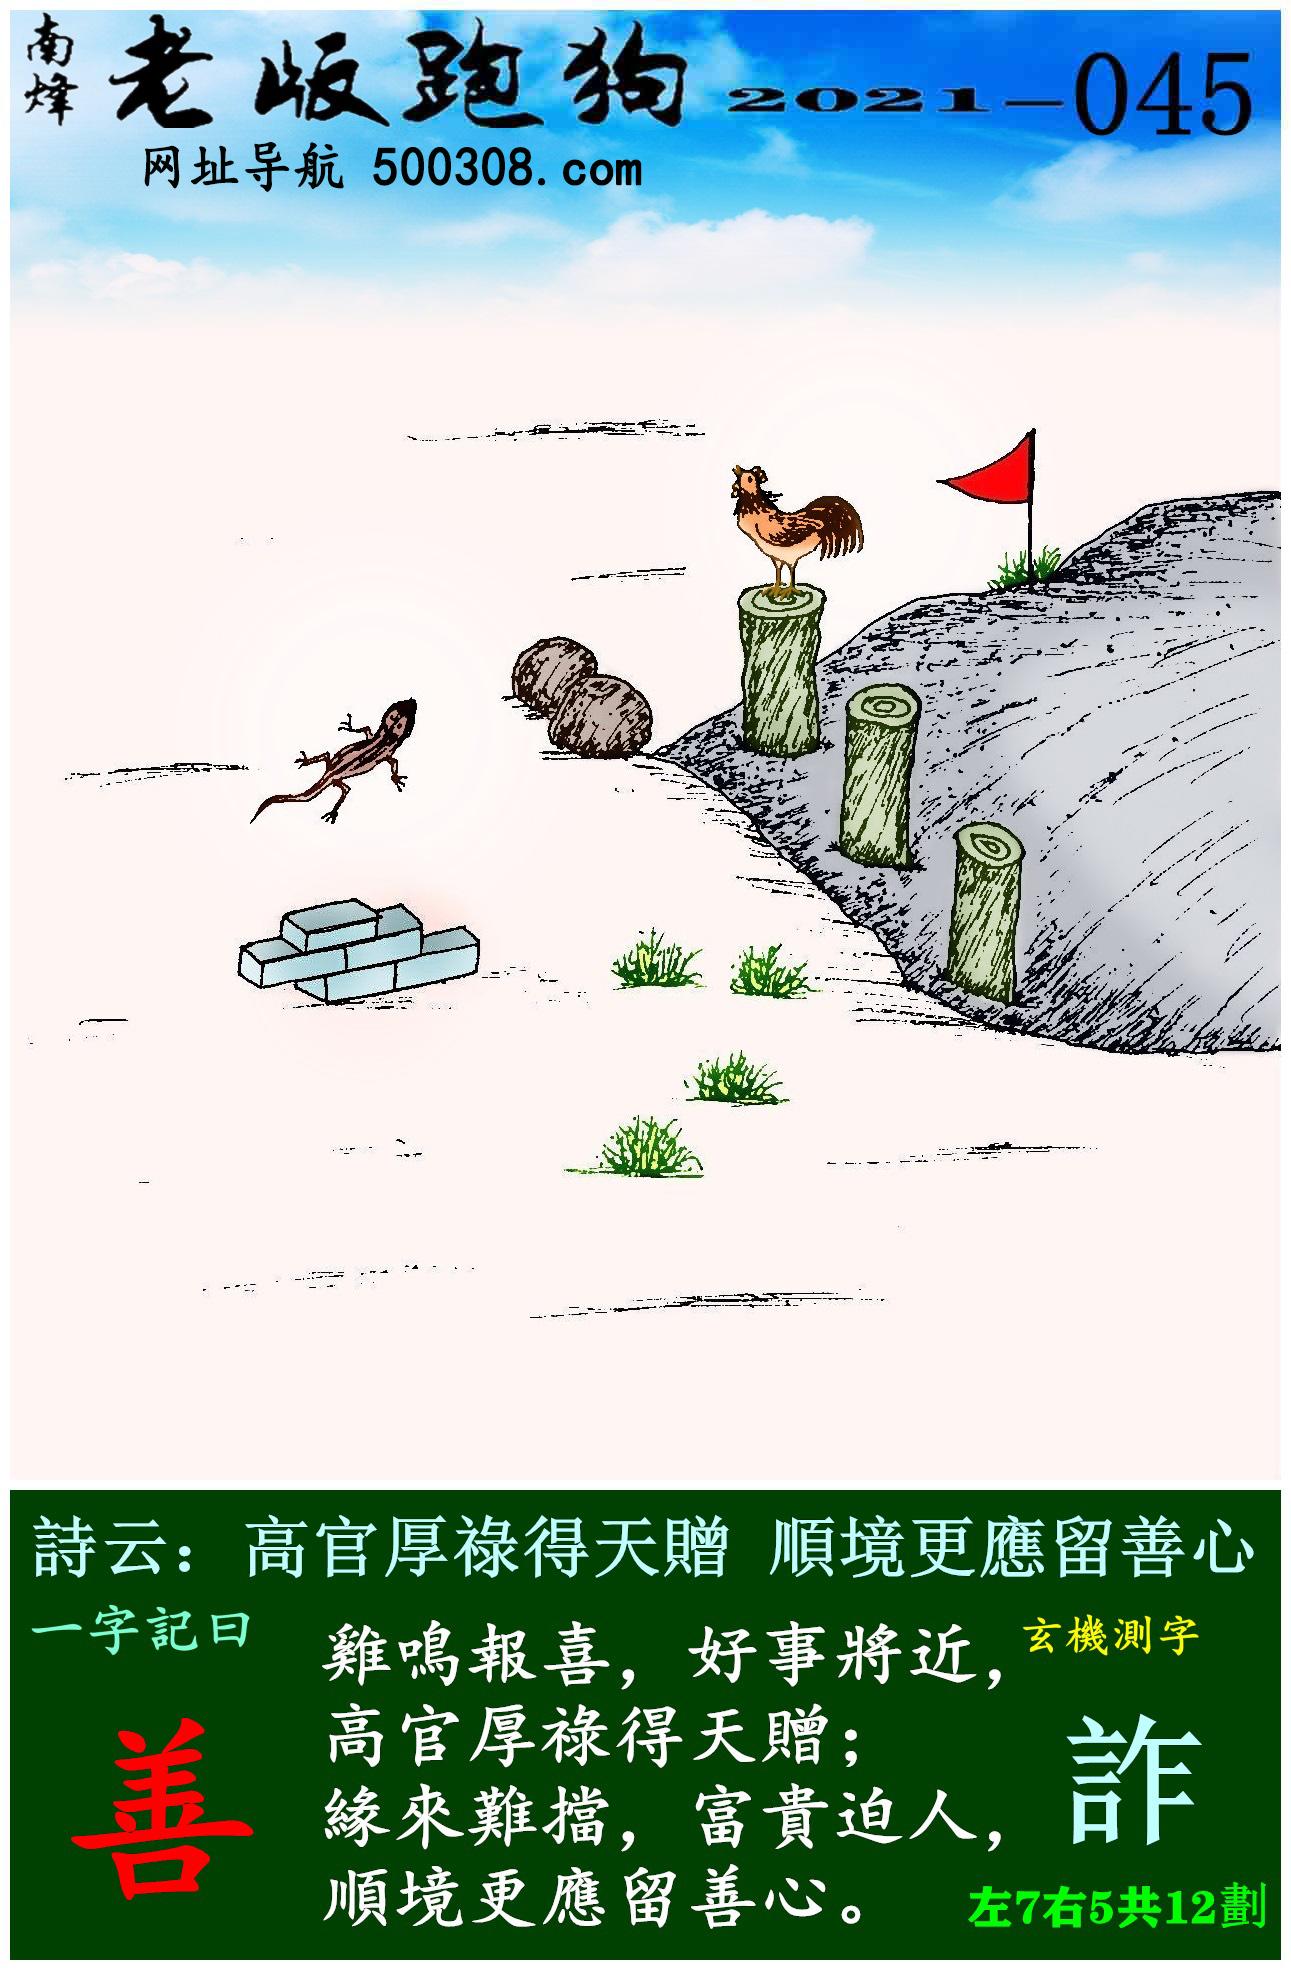 045期老版跑狗一字�之曰:【善】 ��:高官厚�得天�,�境更��留善心。